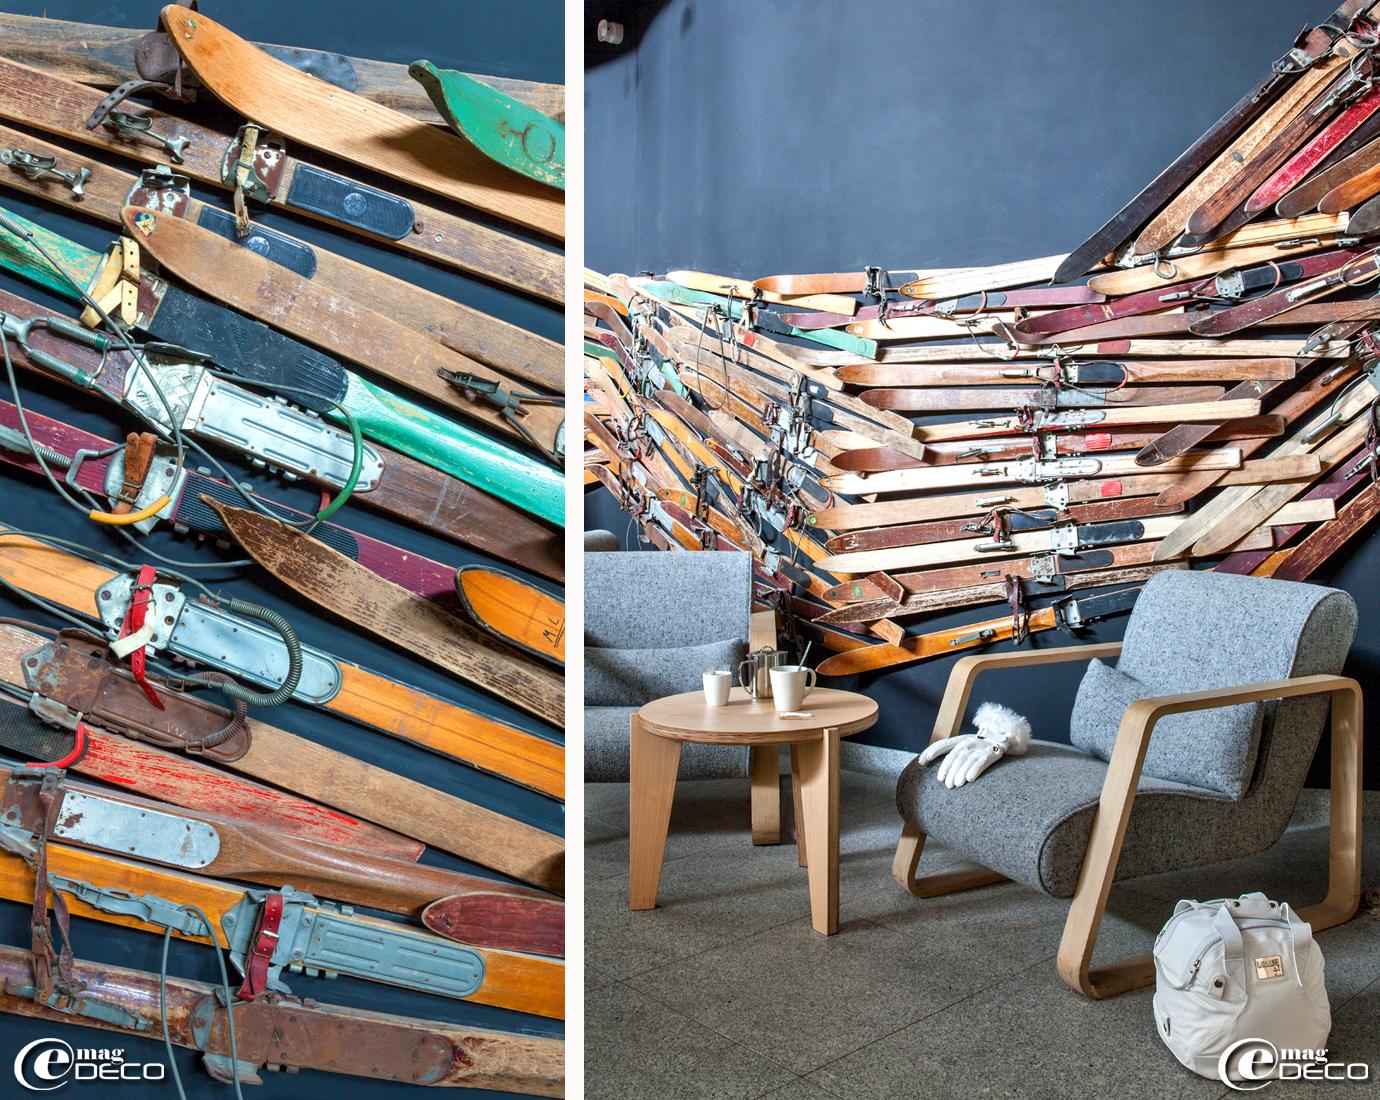 Fauteuil 'Utha' designé par Kaki Kroener pour la marque 'Refuge' à Mégève, gants de ski 'Sun Valley' de la marque 'Glance' et sac pour casque 'Life Style Lady' de la marque 'Kask', skishop 'Goitschel Sport' dans l'hôtel 'Altapura'